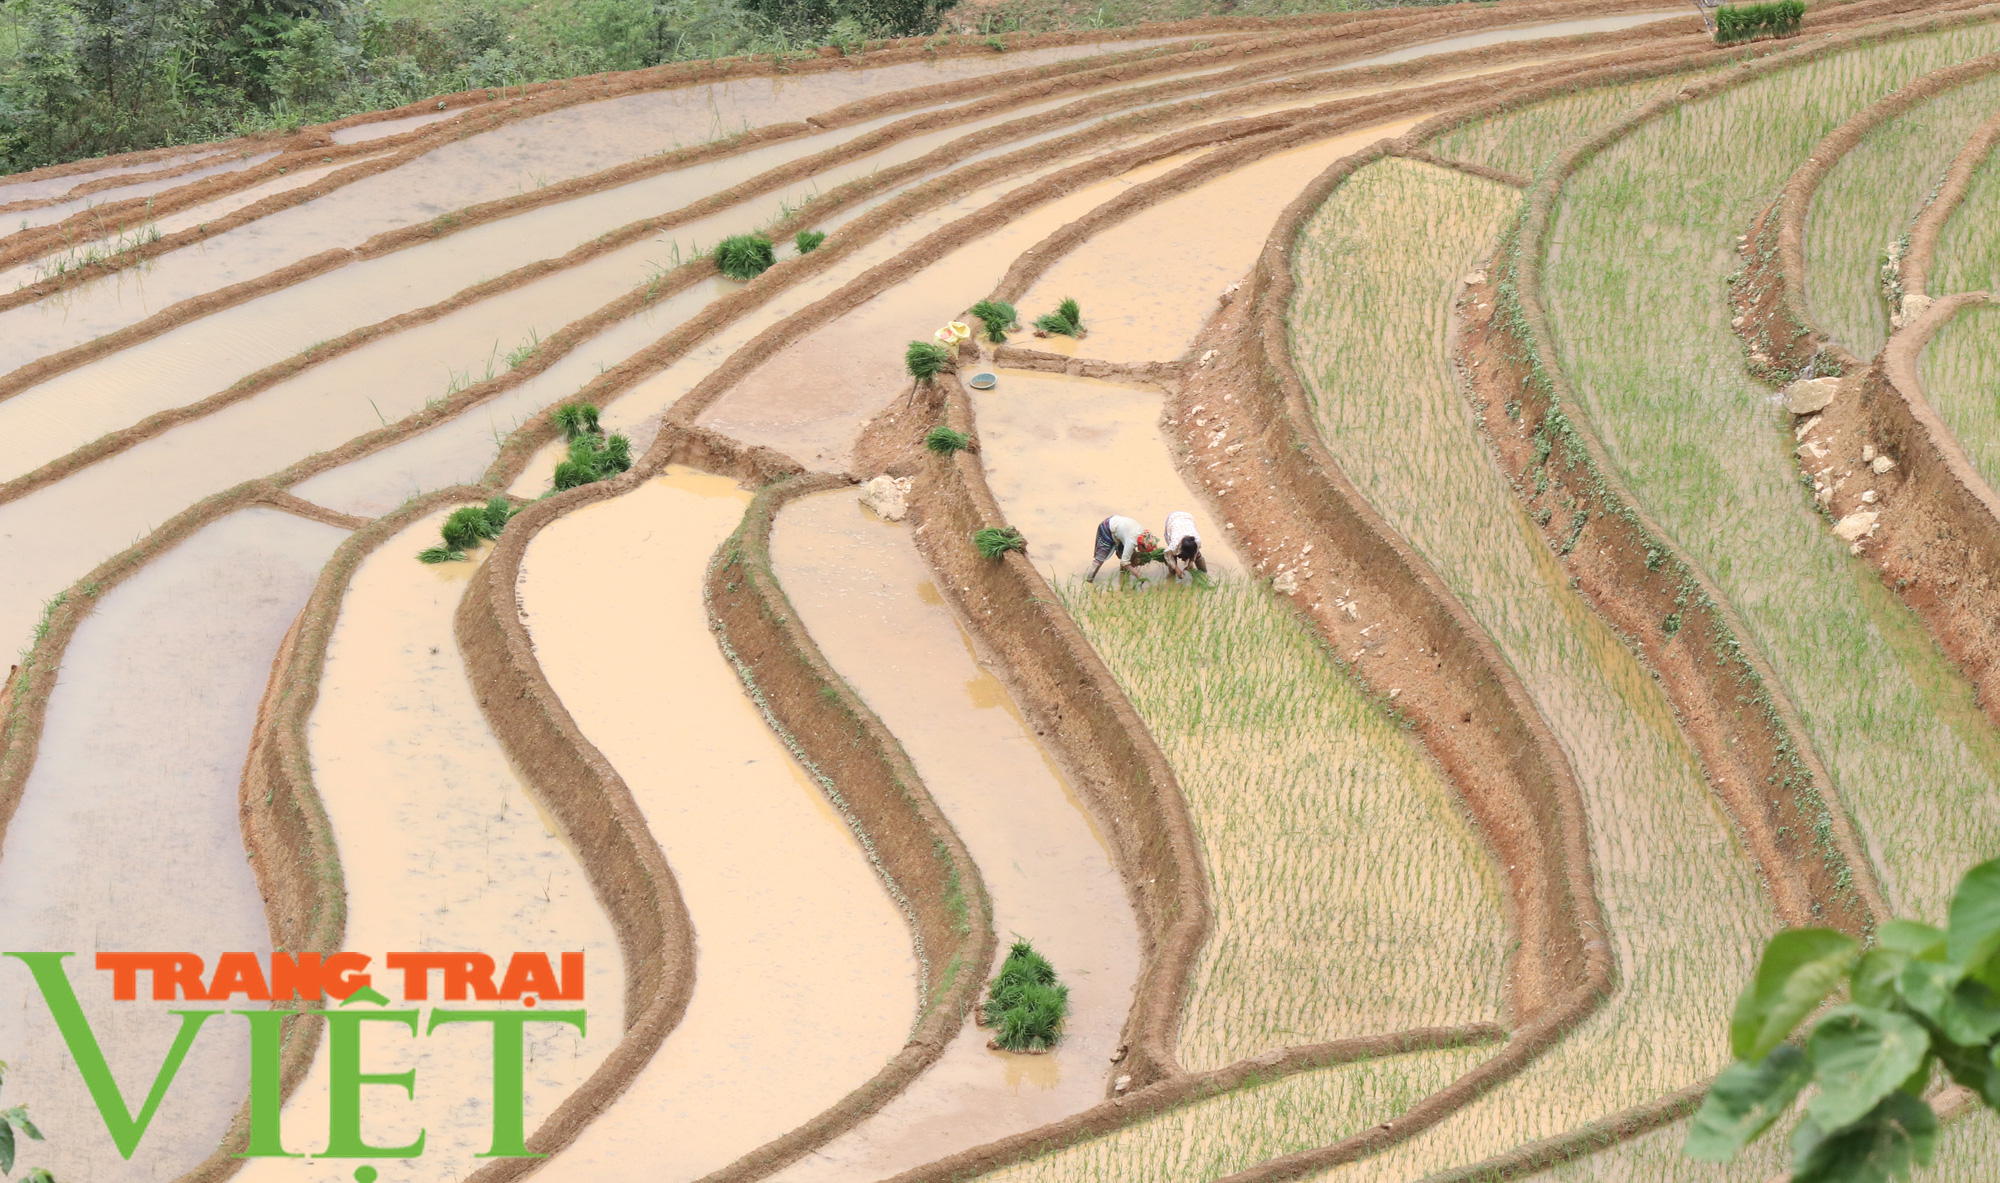 Chiềng Ân mở rộng diện tích khai hoang ruộng bậc thang - Ảnh 1.